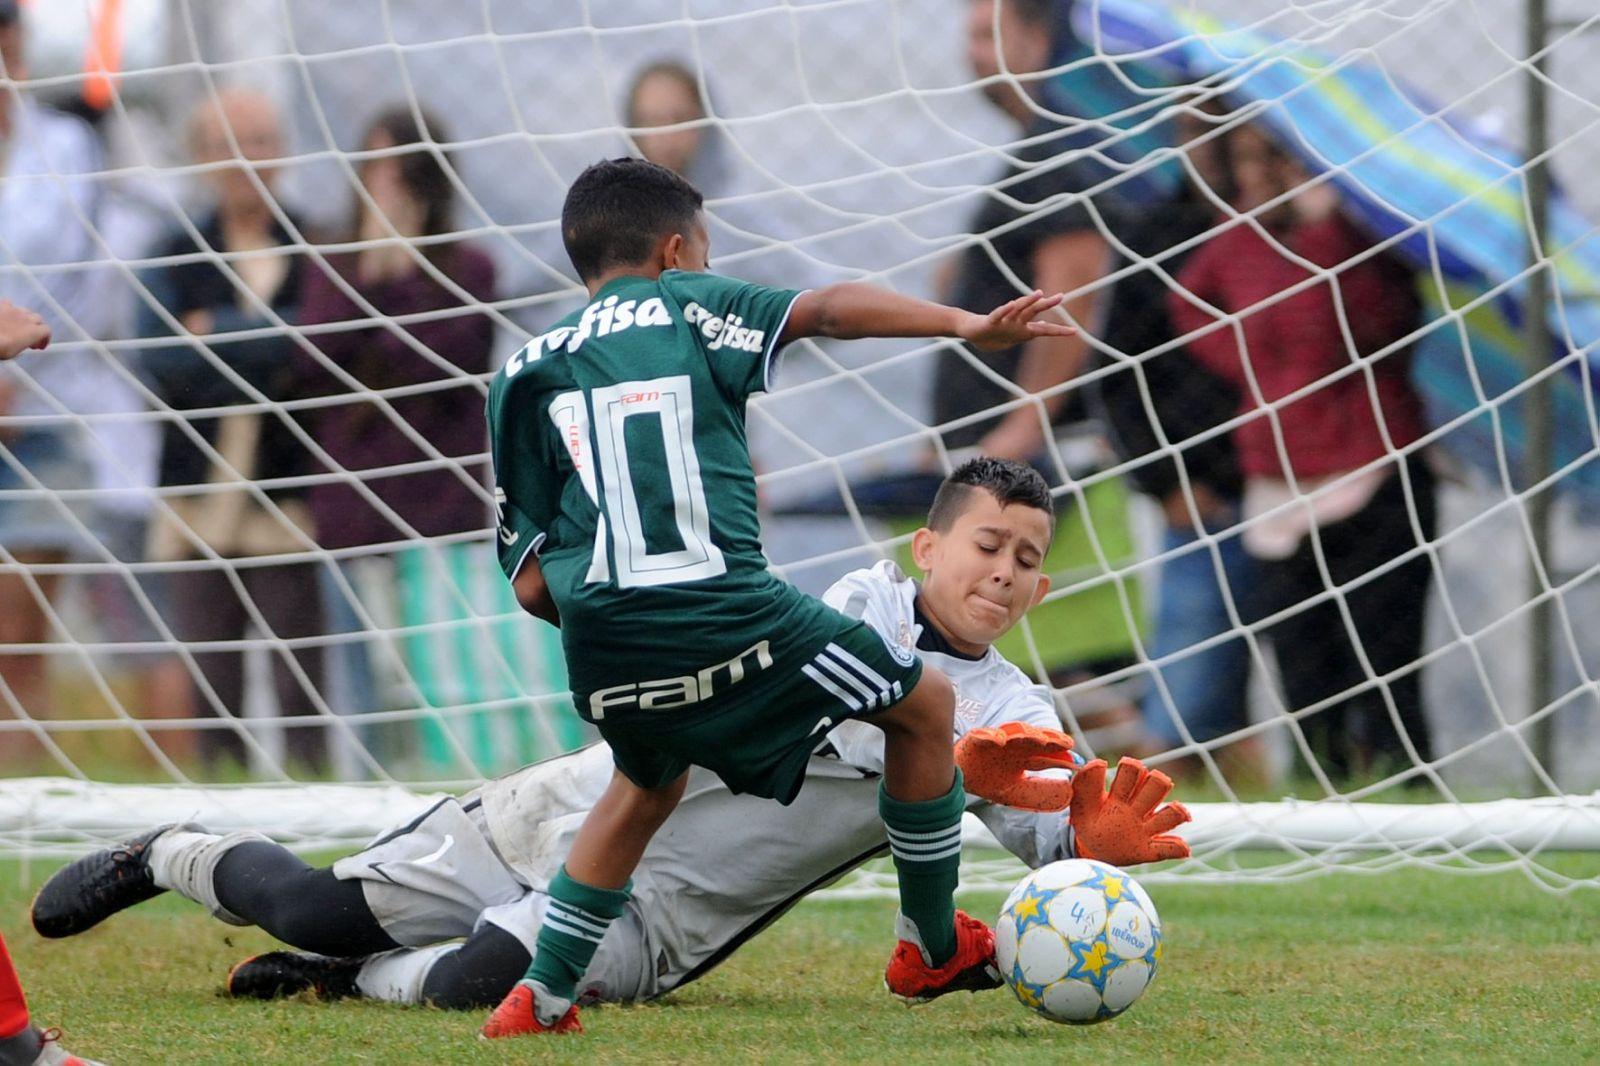 IberCup_O Verdão marcou 61 gols em oito jogos na Ibercup